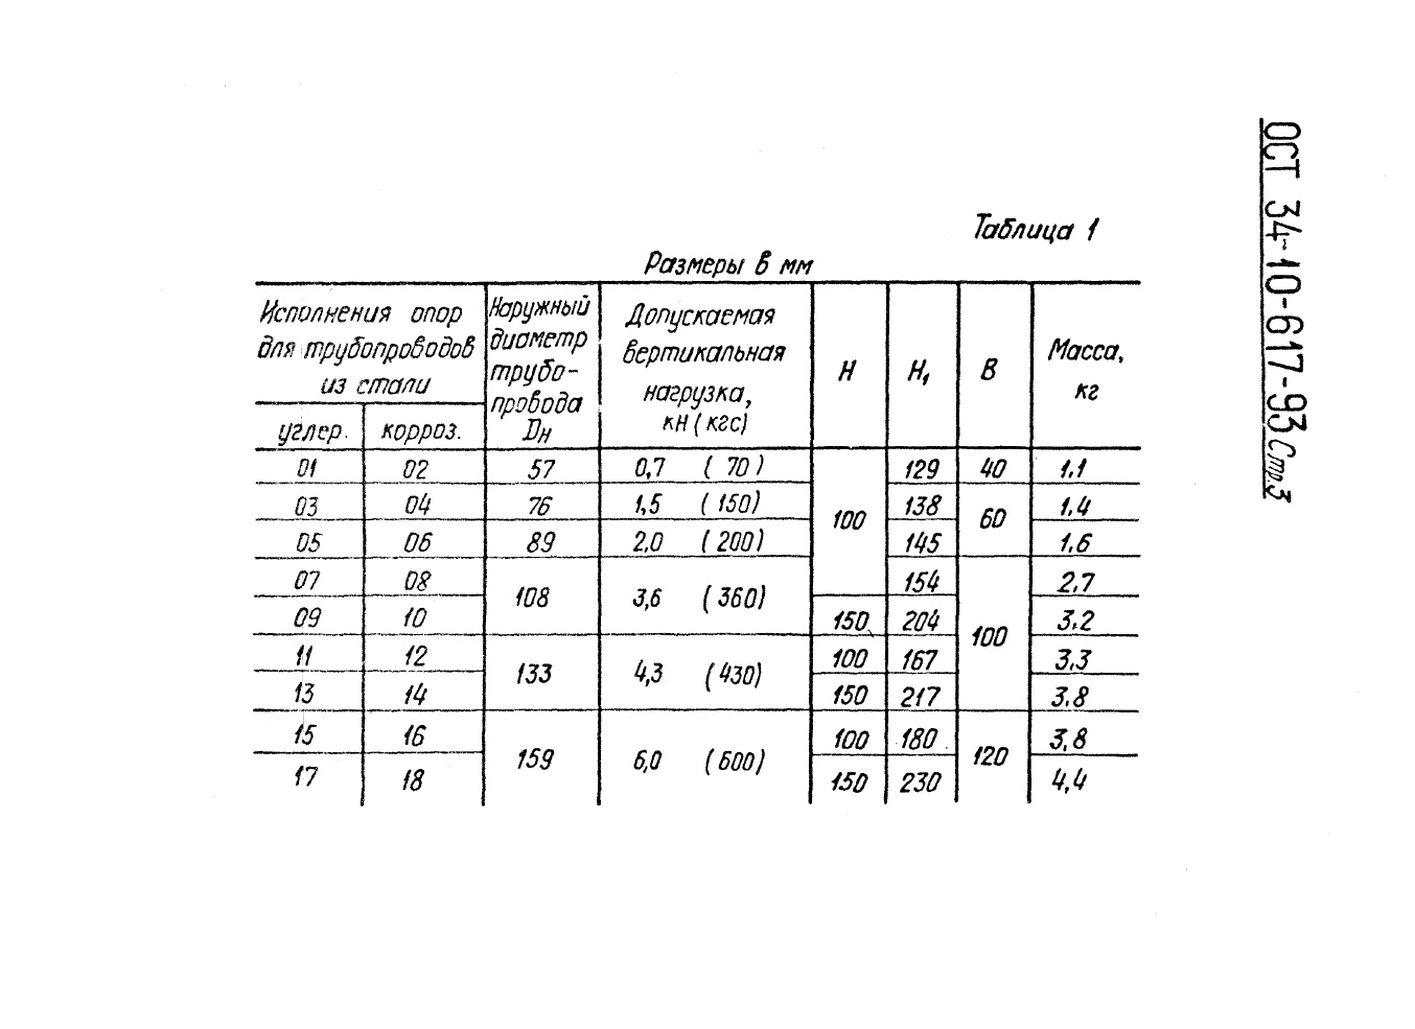 Опоры скользящие хомутовые ОСТ 34-10-617-93 стр.3